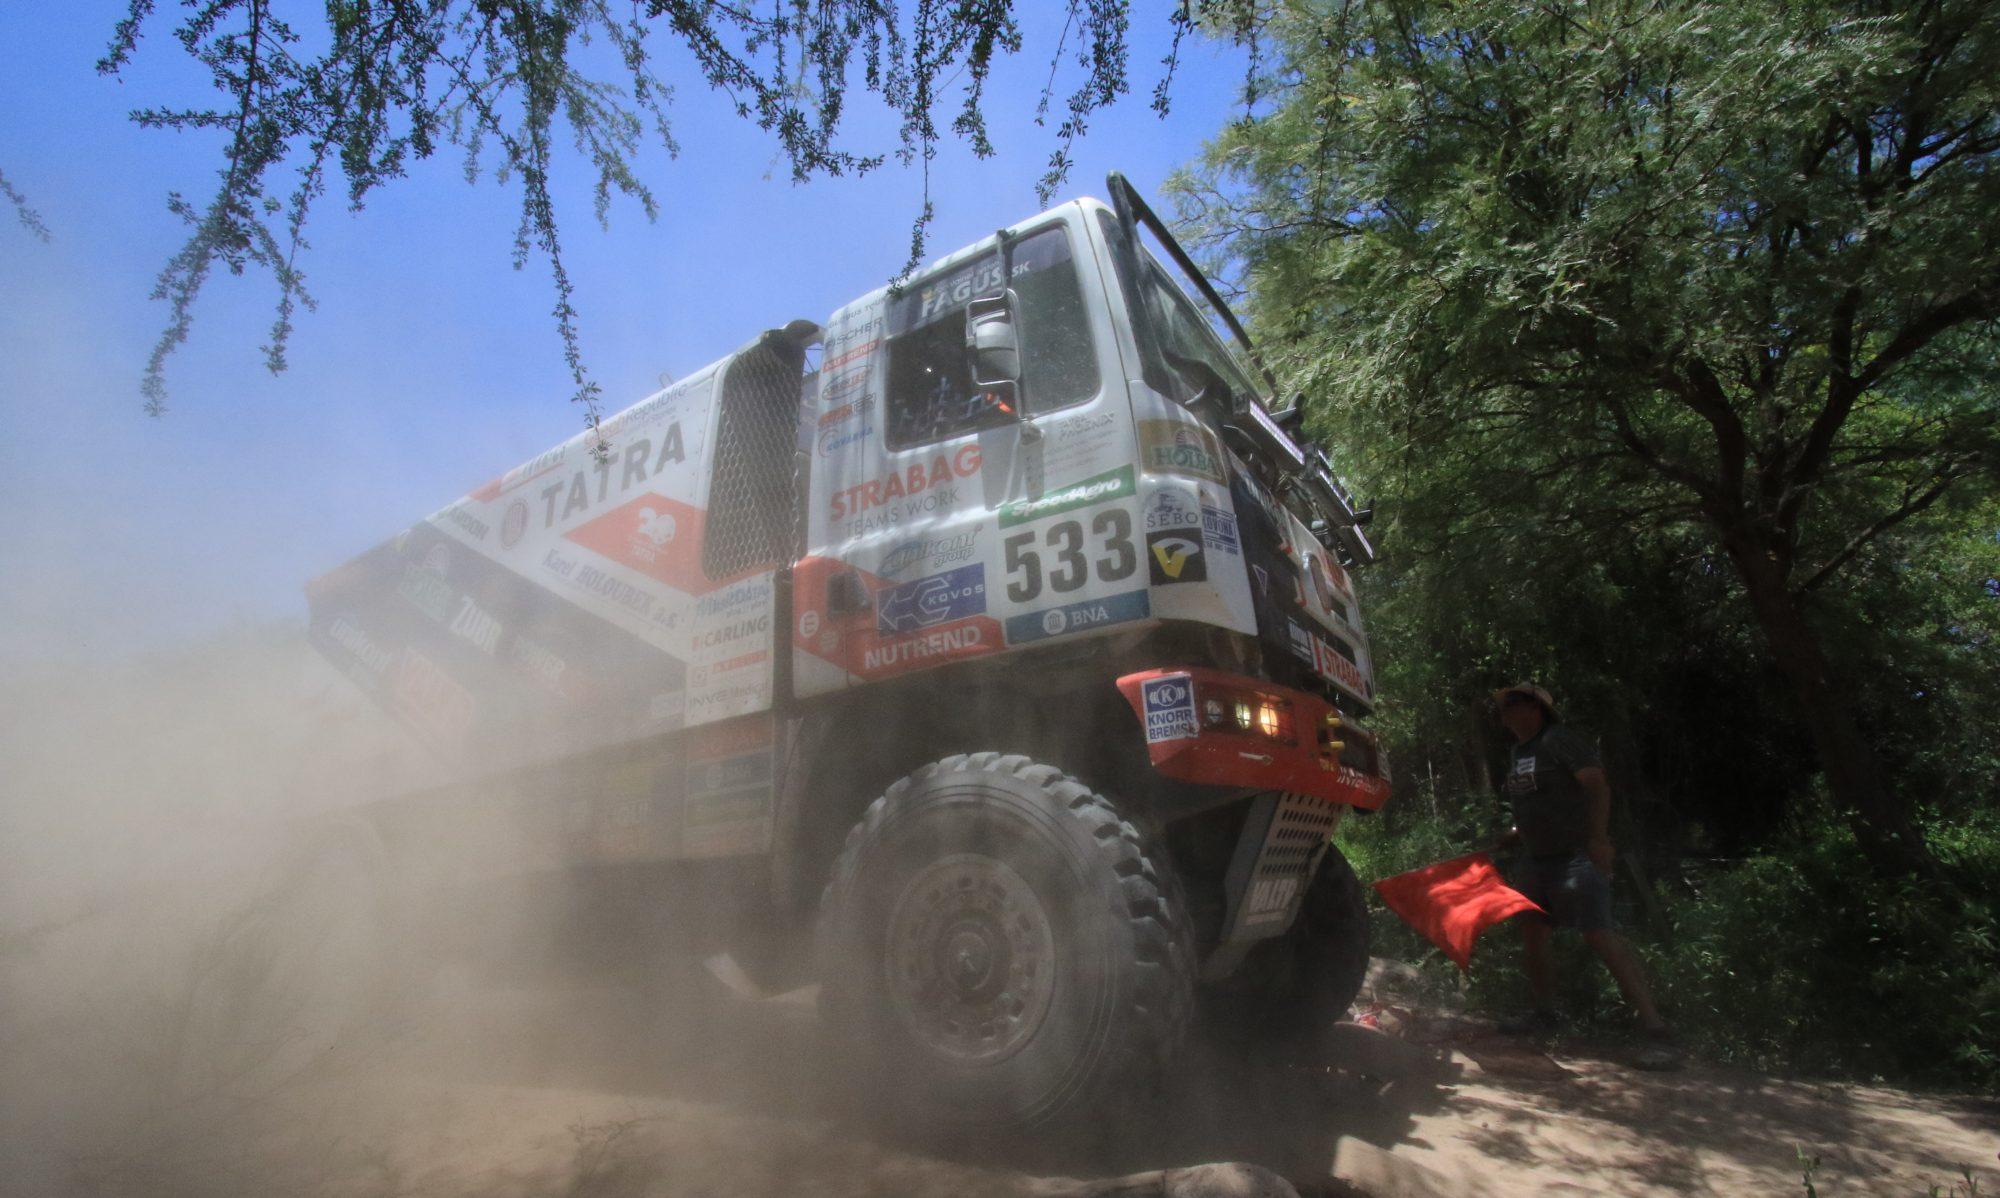 Dakar 2017 präsentiert von Inperio Systems